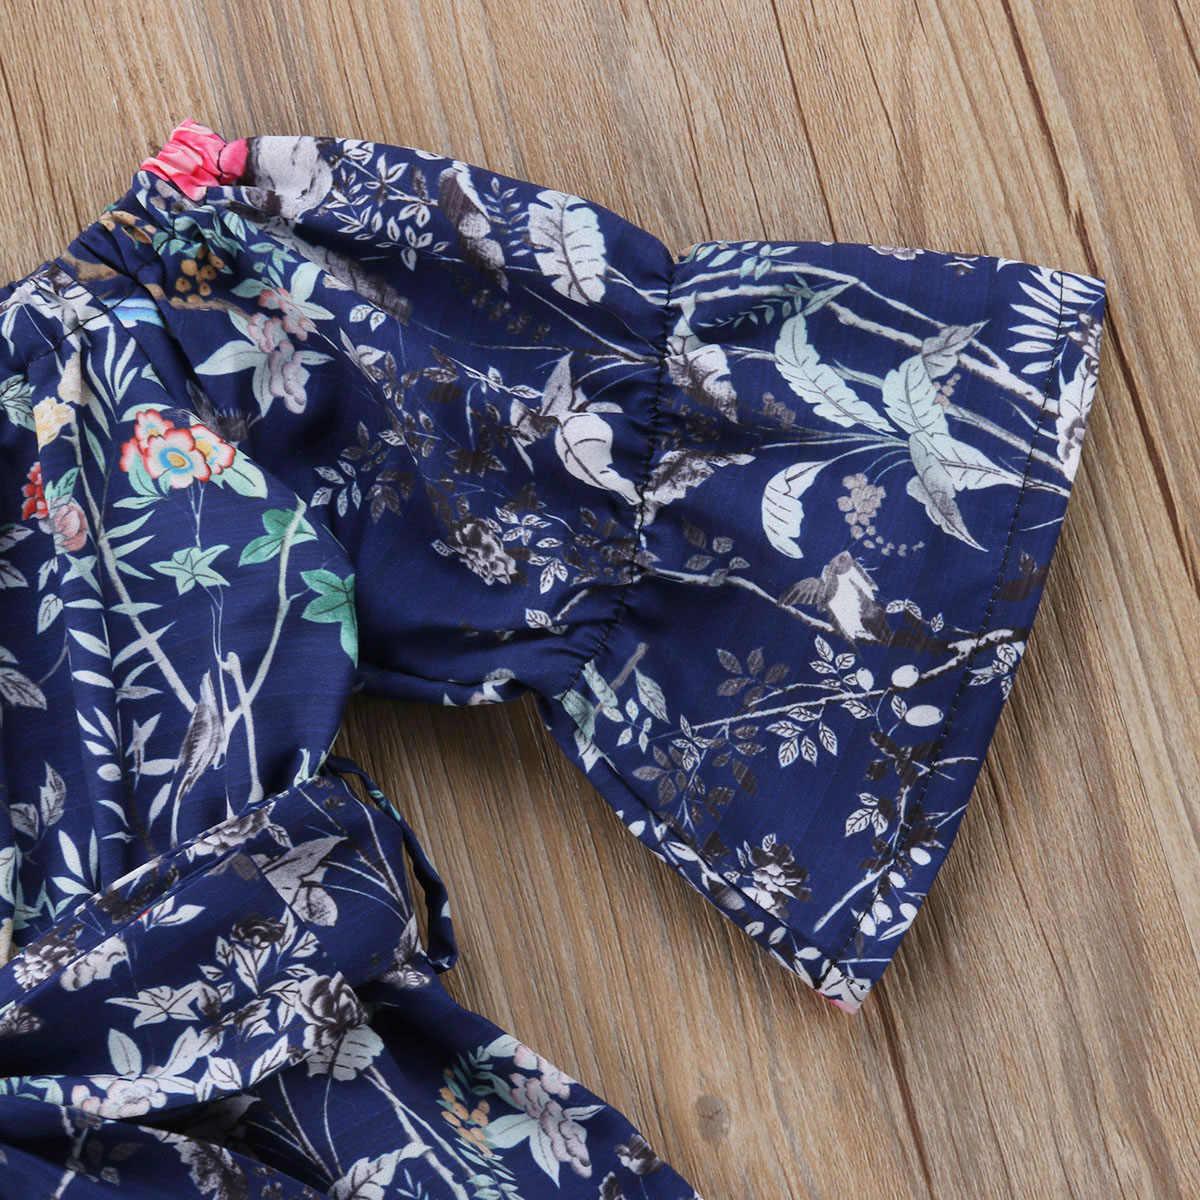 2018 Фирменная Новинка Летнее, для малыша Одежда для детей; малышей; девочек Комбинезон с открытыми плечами с расклешенными рукавами комбинезоны брюки для девочек; одежда с цветочным принтом